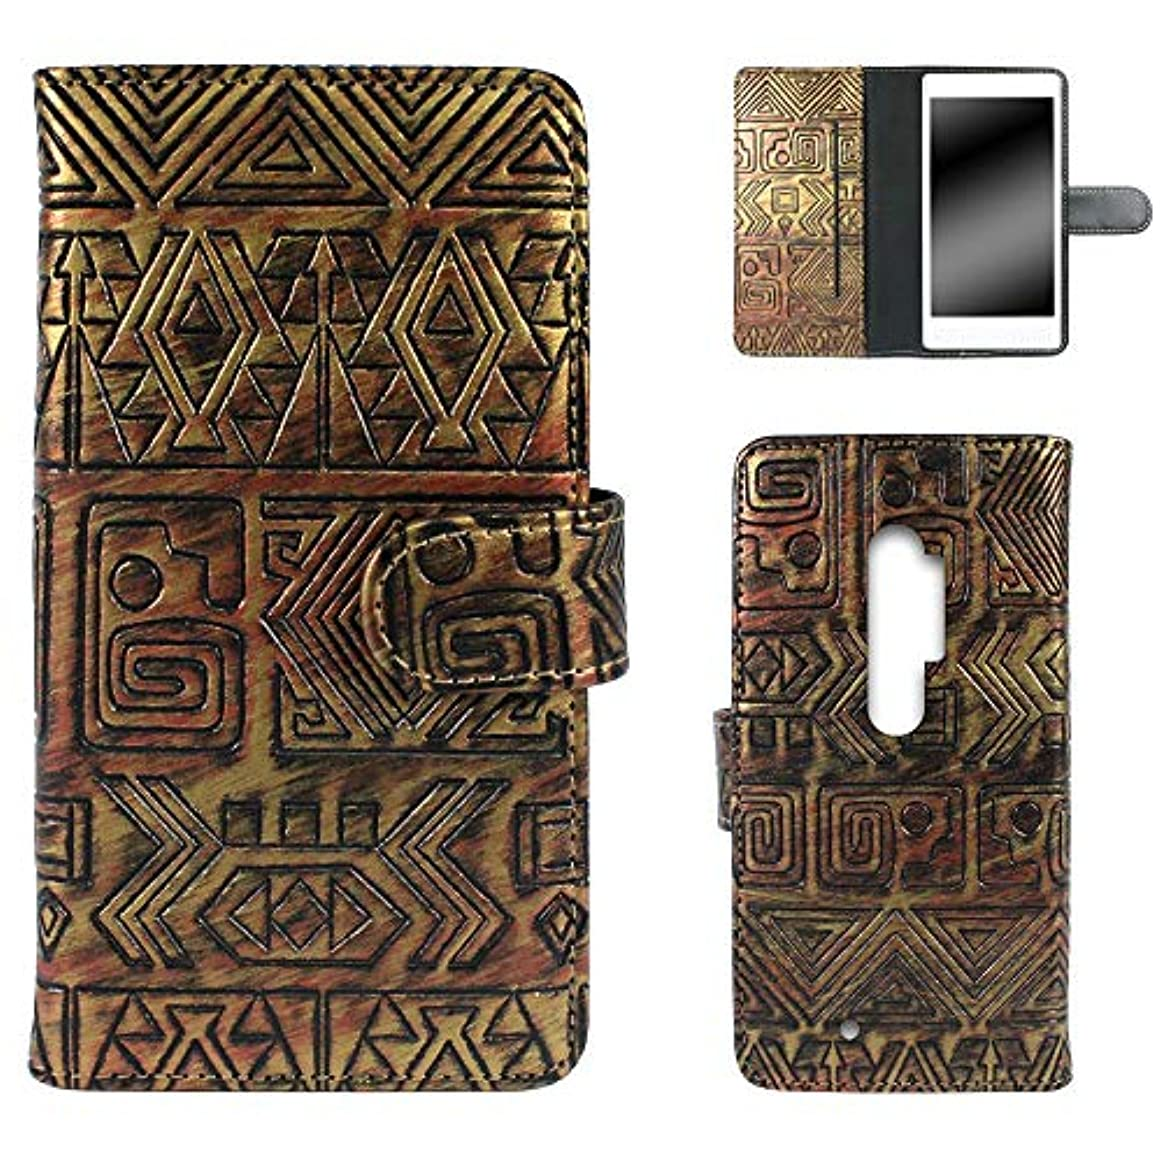 最初カートン謝罪WHITENUTS らくらくスマートフォン4 F-04J ケース 手帳型 エジプトウォール ゴールド×レッド TC-D0376554/ML